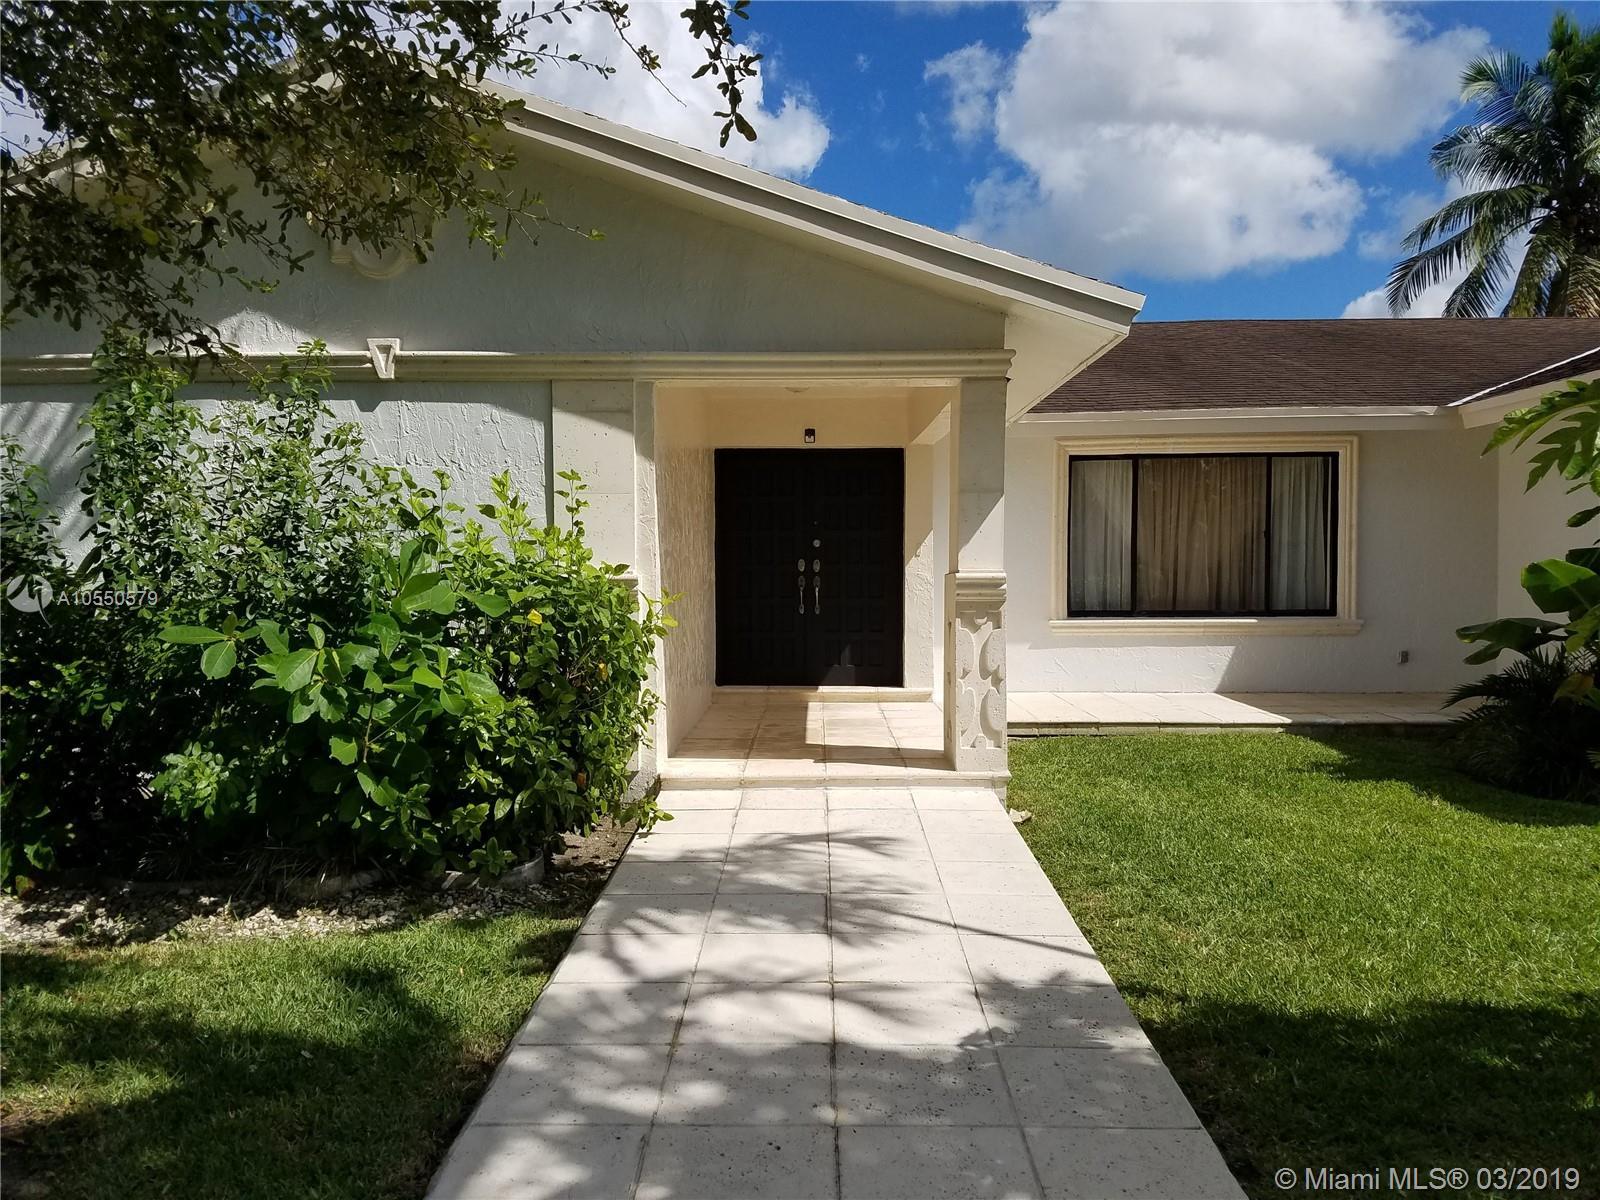 10565 SW 129th Ct, Miami, FL 33186 - Miami, FL real estate listing